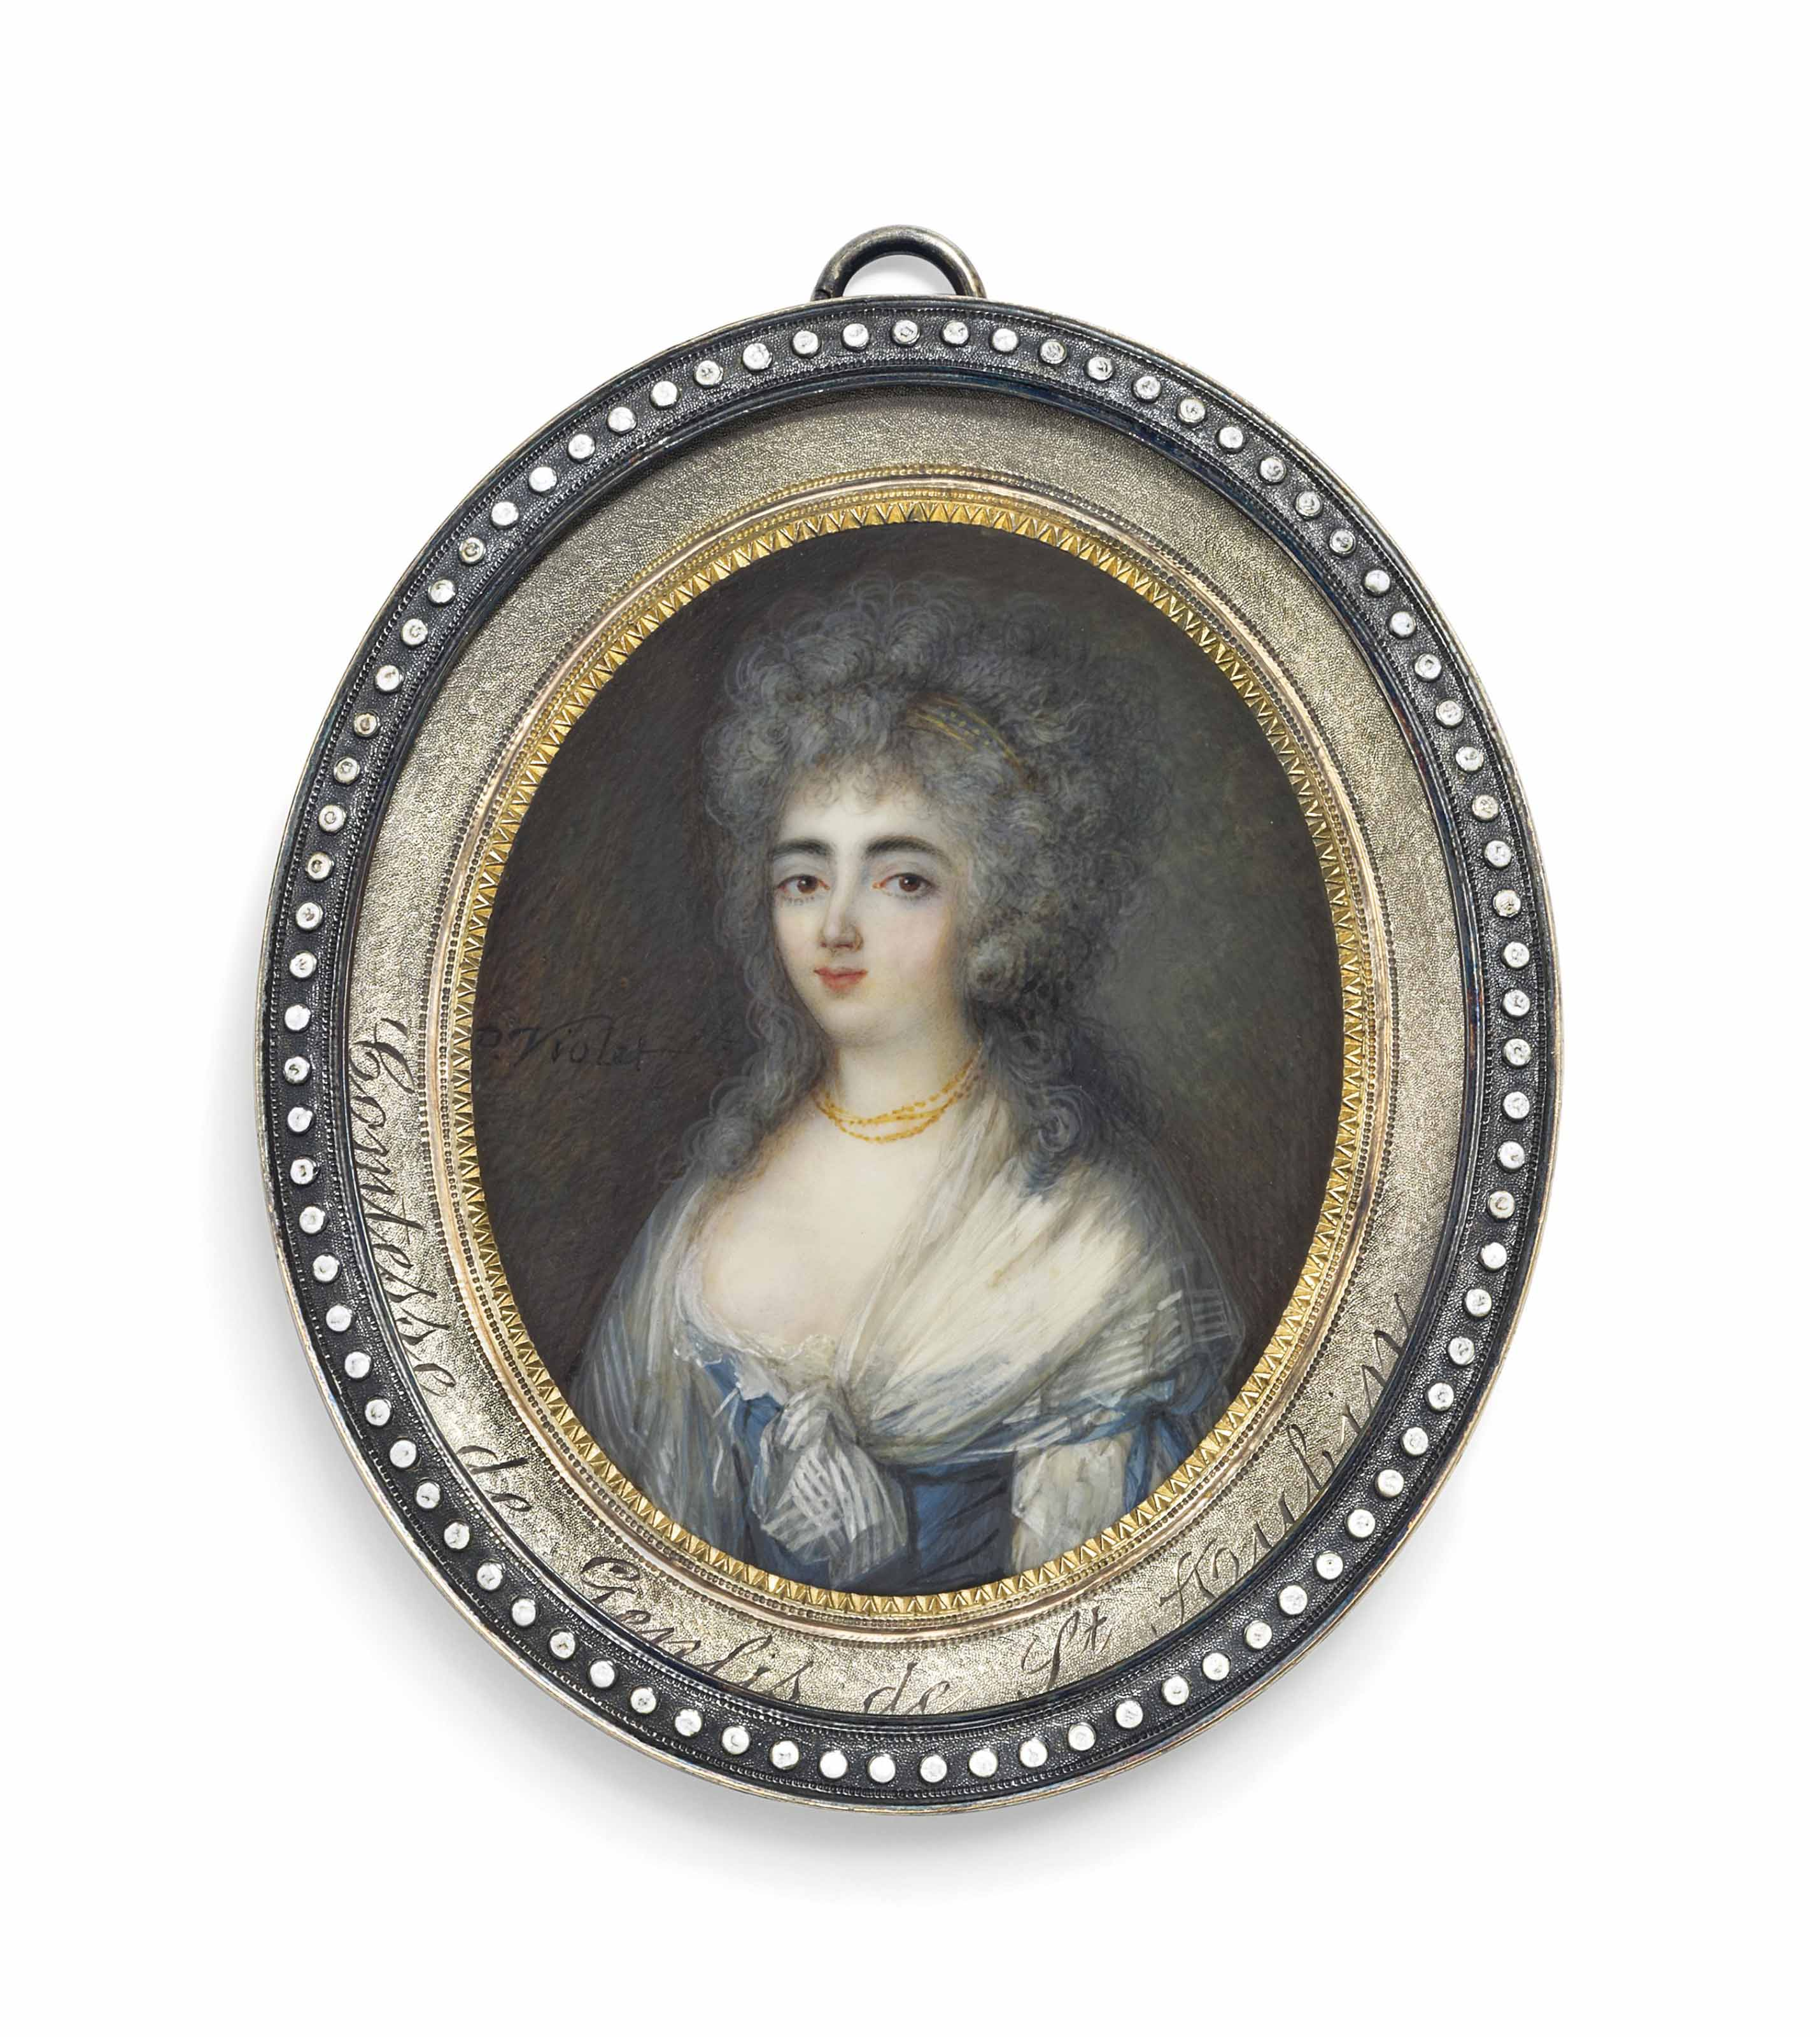 PIERRE-NOËL VIOLET (FRENCH, 1749-1819)